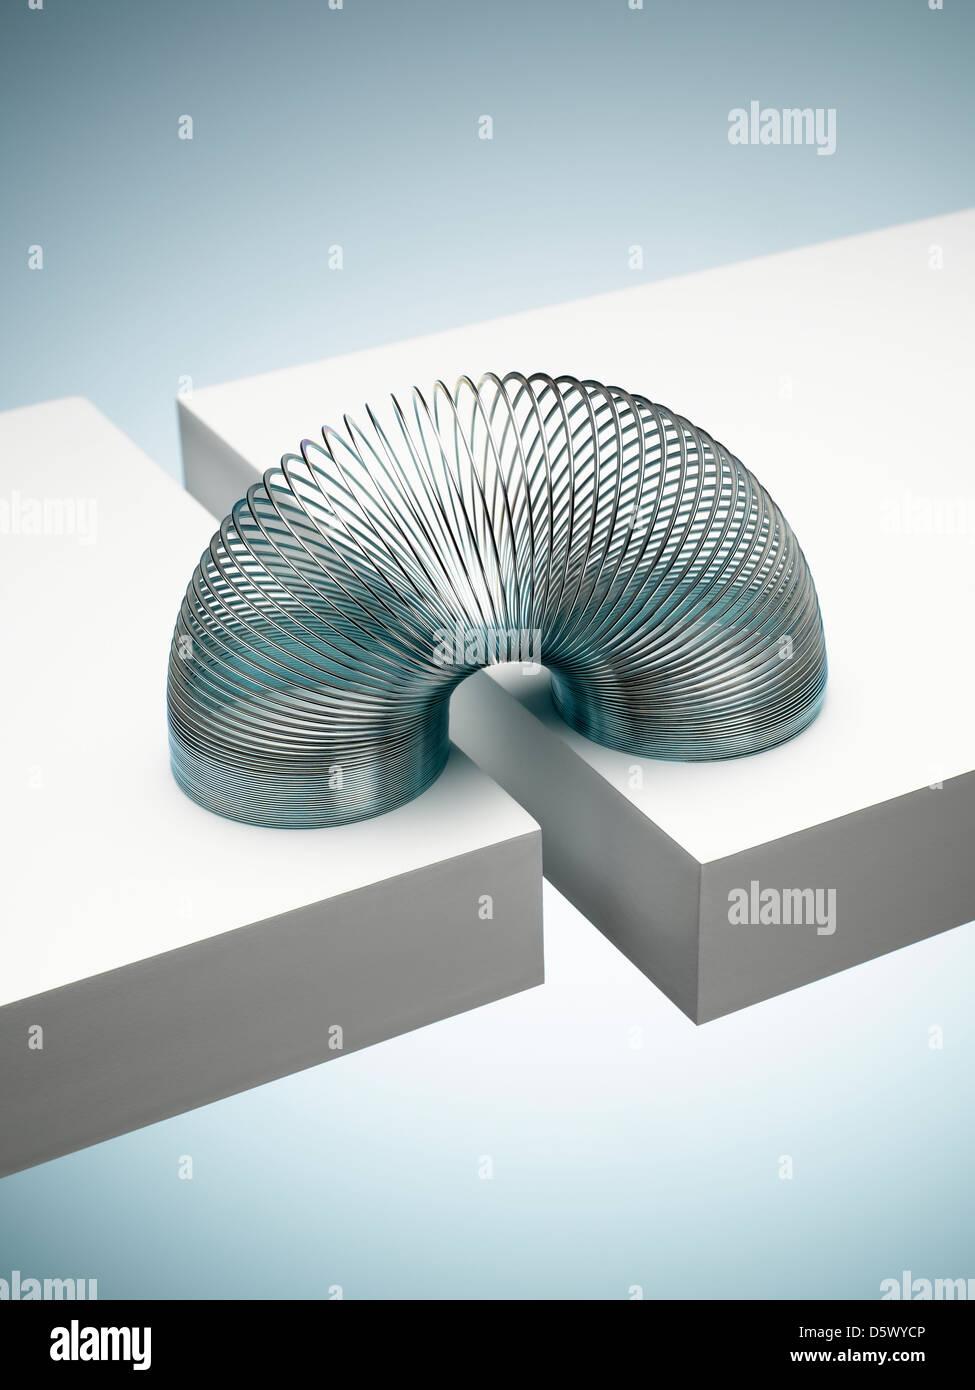 Metal slinky spanning space between blocks - Stock Image